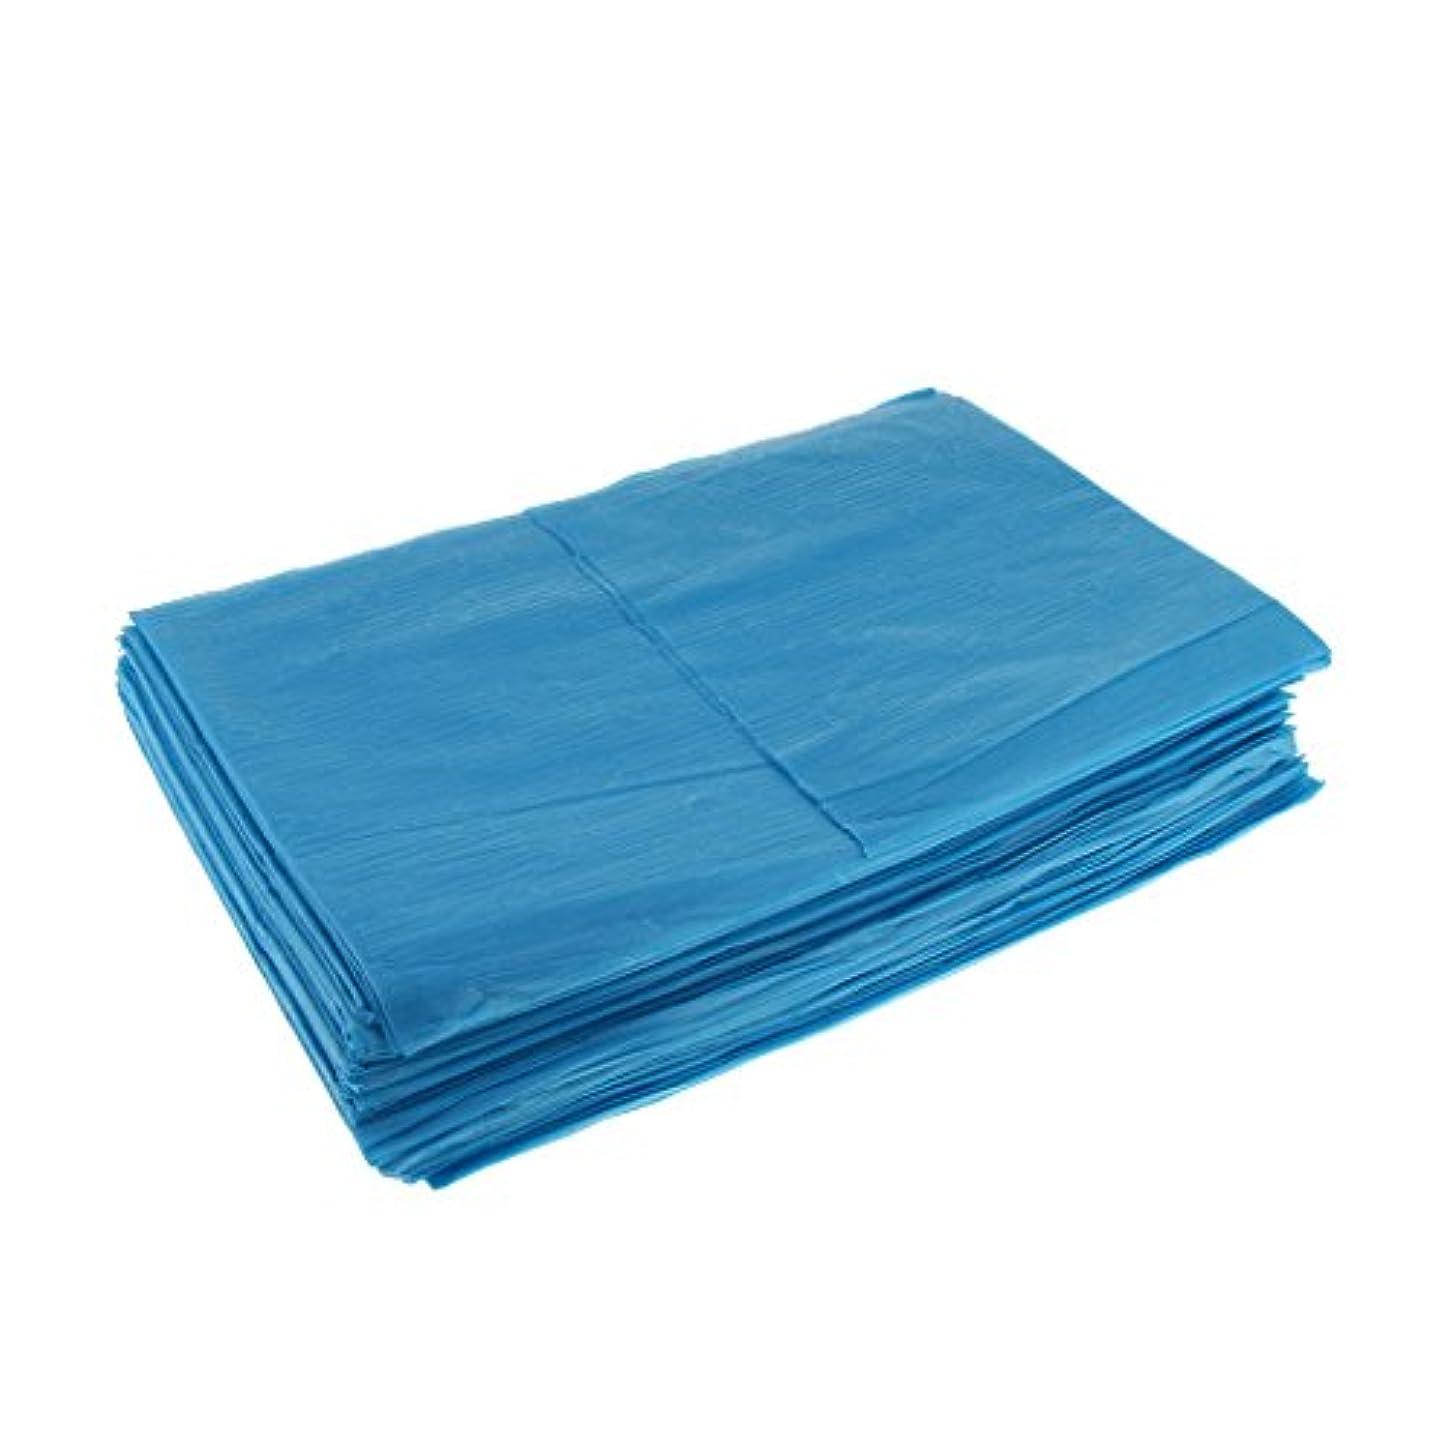 密輸こどもの宮殿印象10枚 使い捨てベッドシーツ 使い捨て 美容 マッサージ サロン ホテル ベッドパッド カバー シート 2色選べ - 青